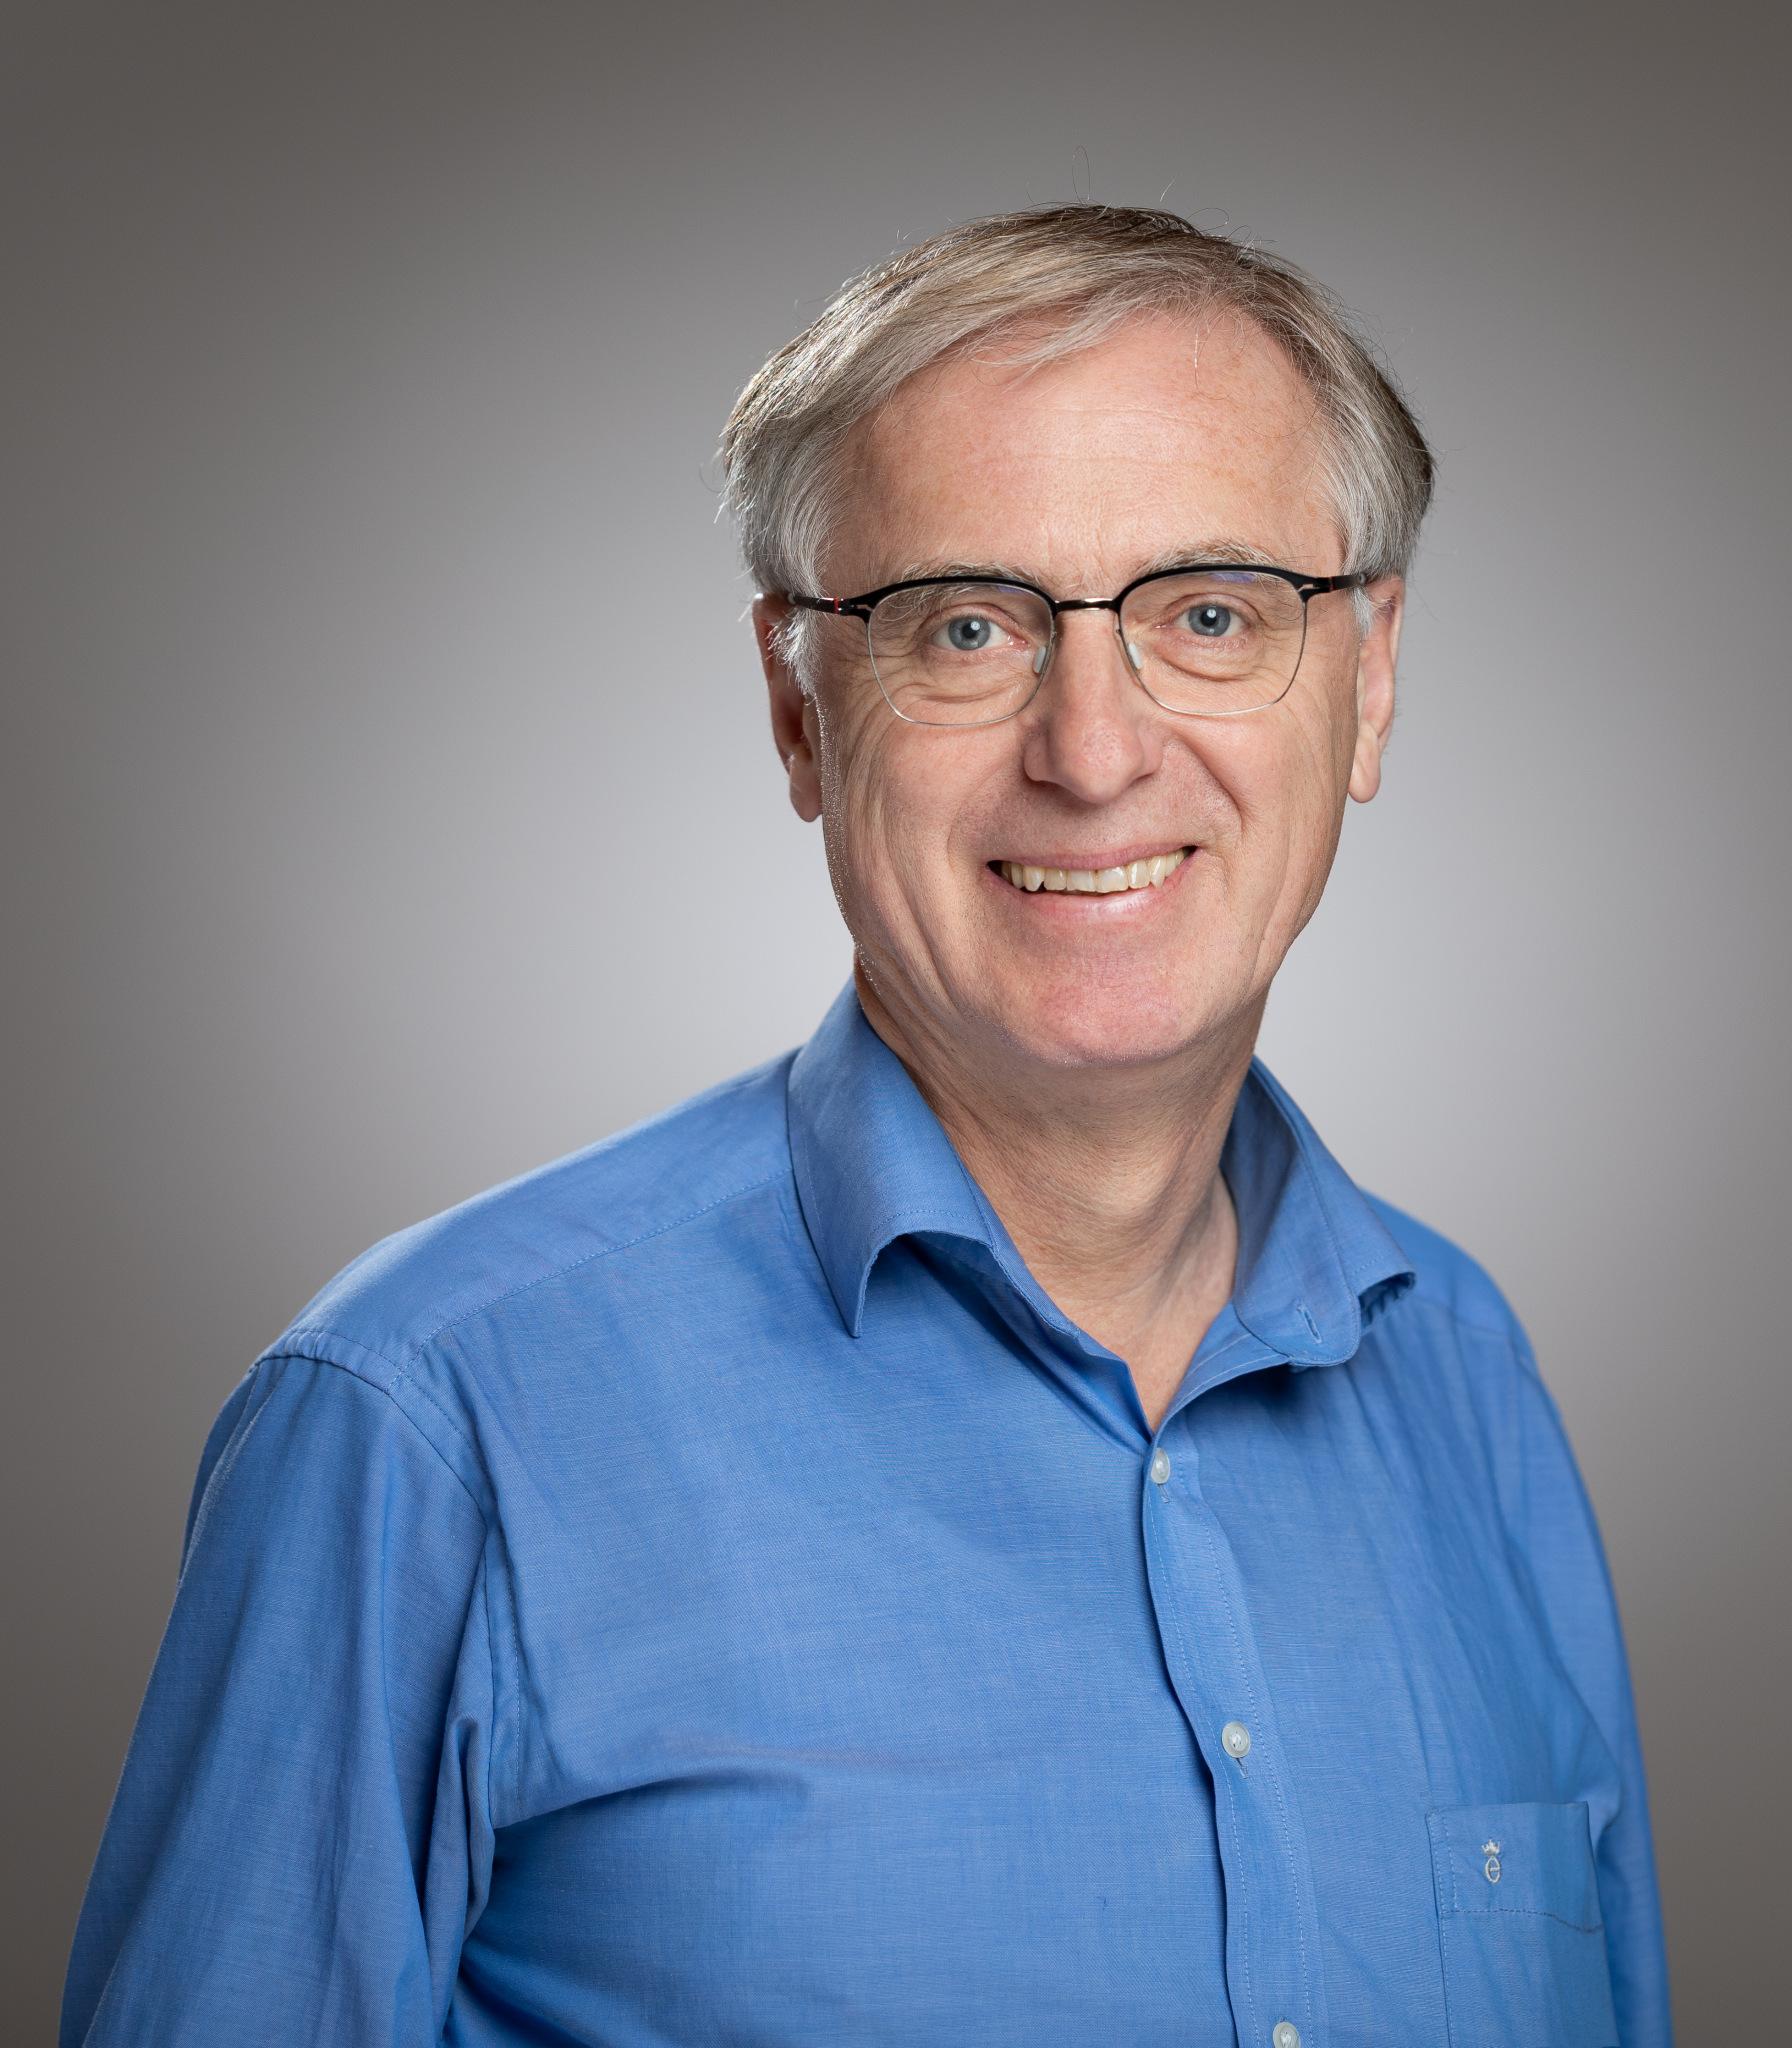 Ulrich Mescheder, 62